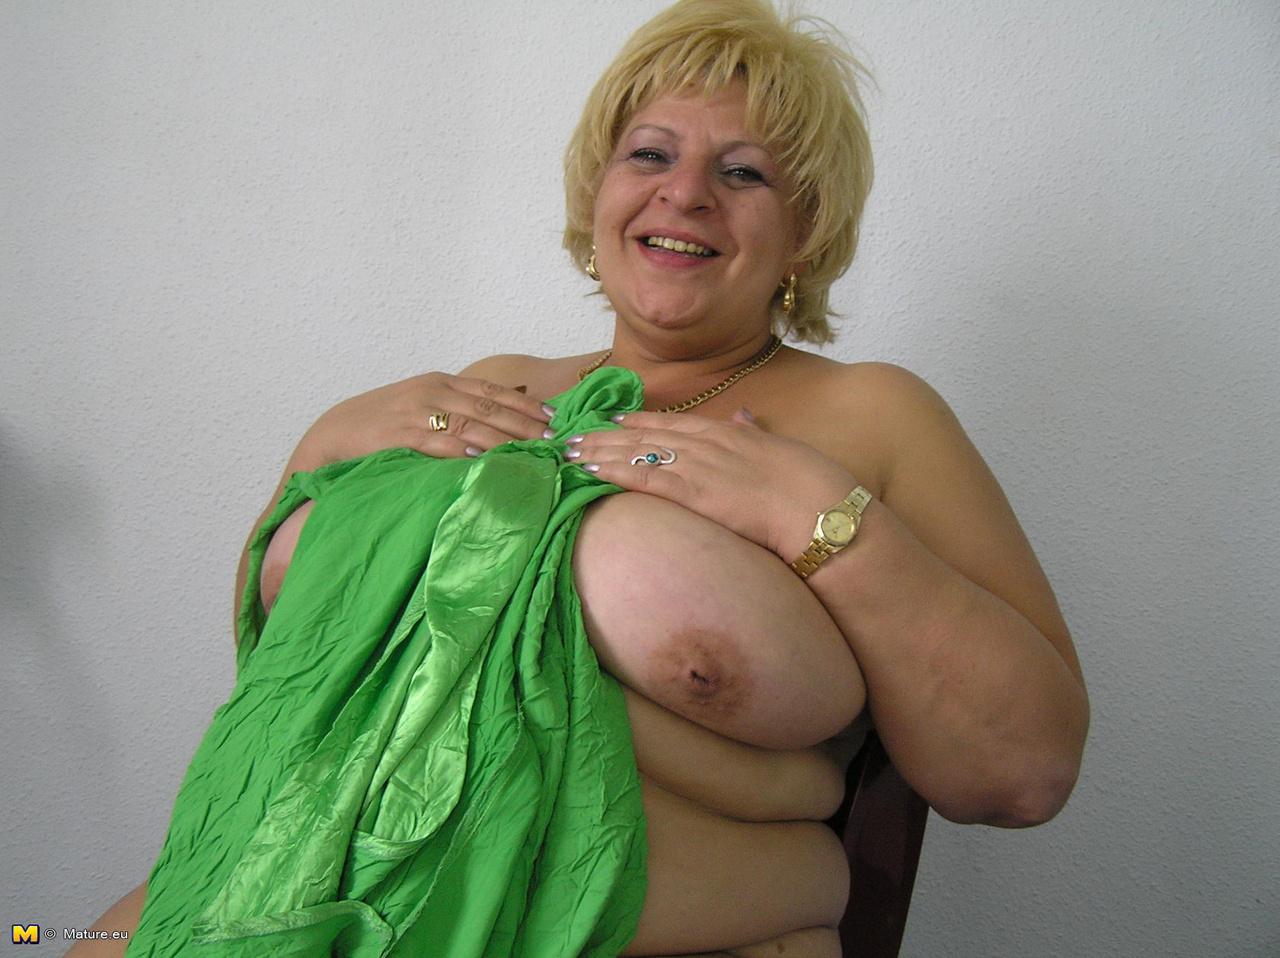 Фото пожилих дaм, Голые зрелые женщины частные секс фото 9 фотография